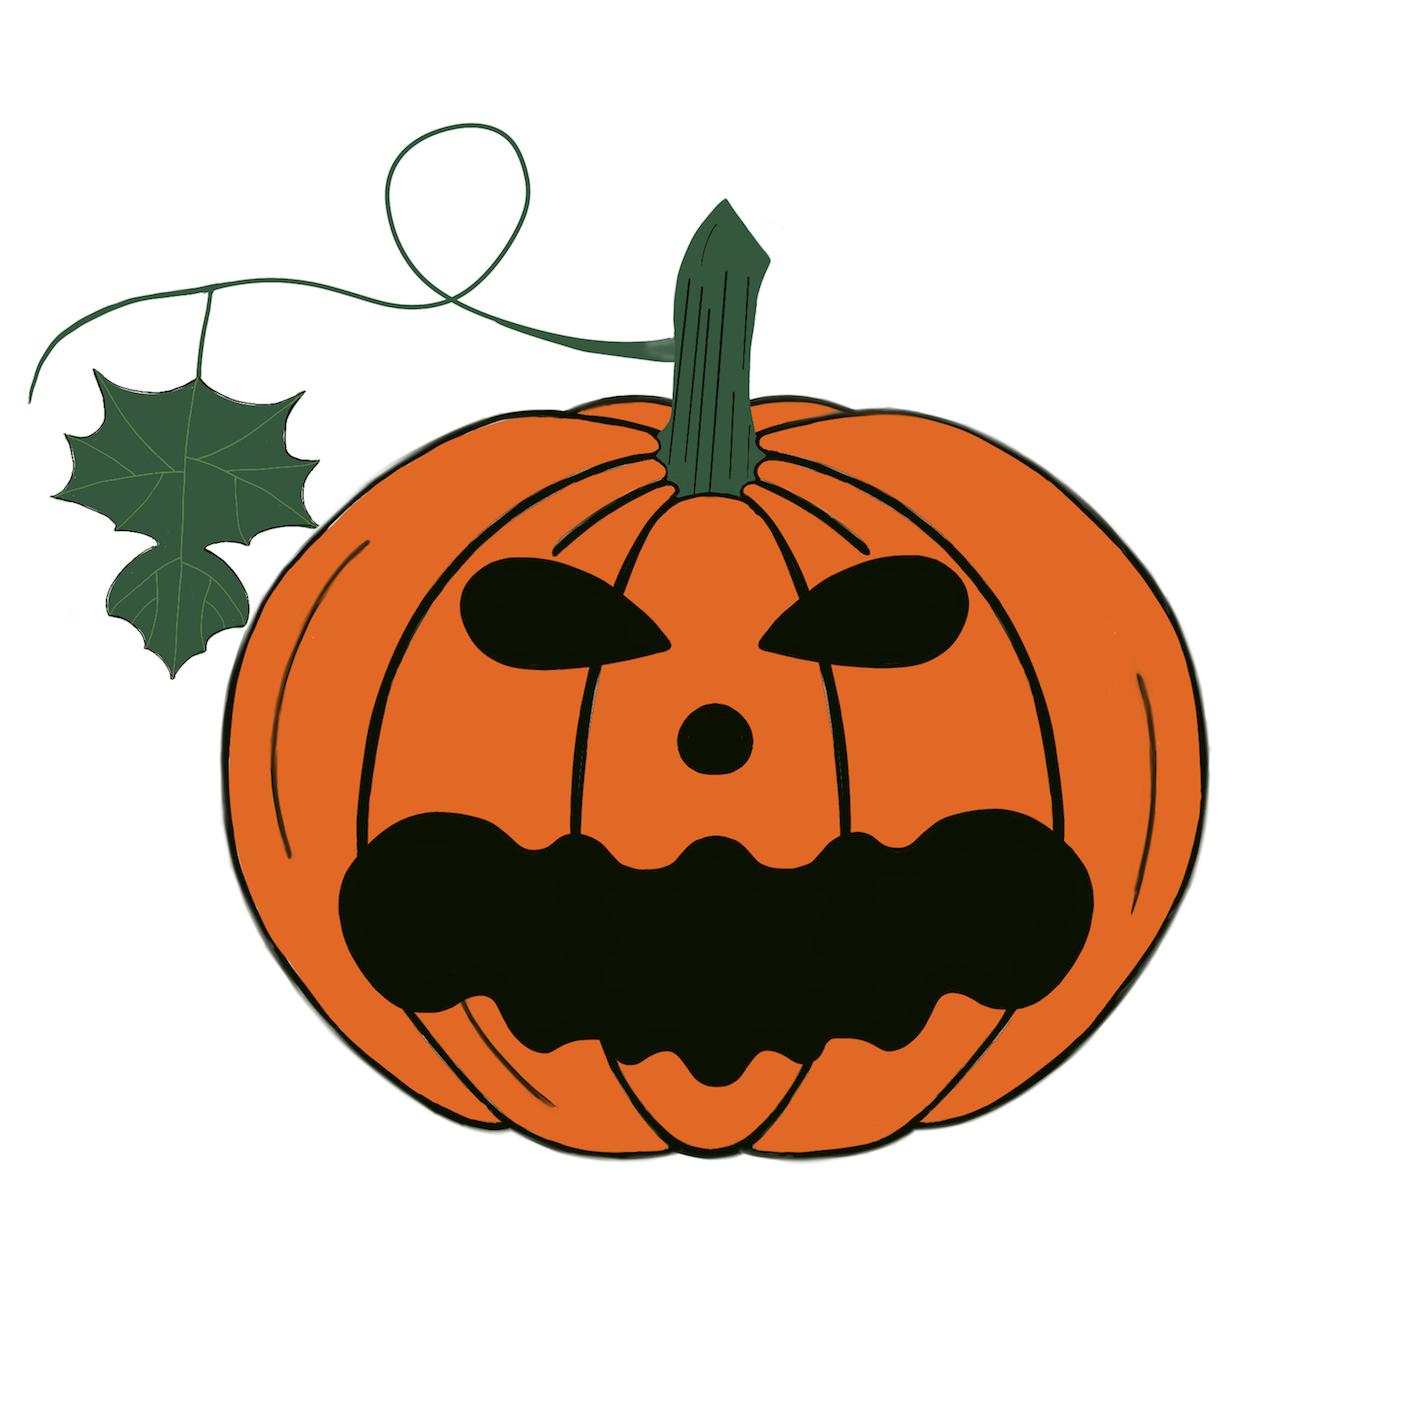 Pumpkin time stickers messages sticker-3